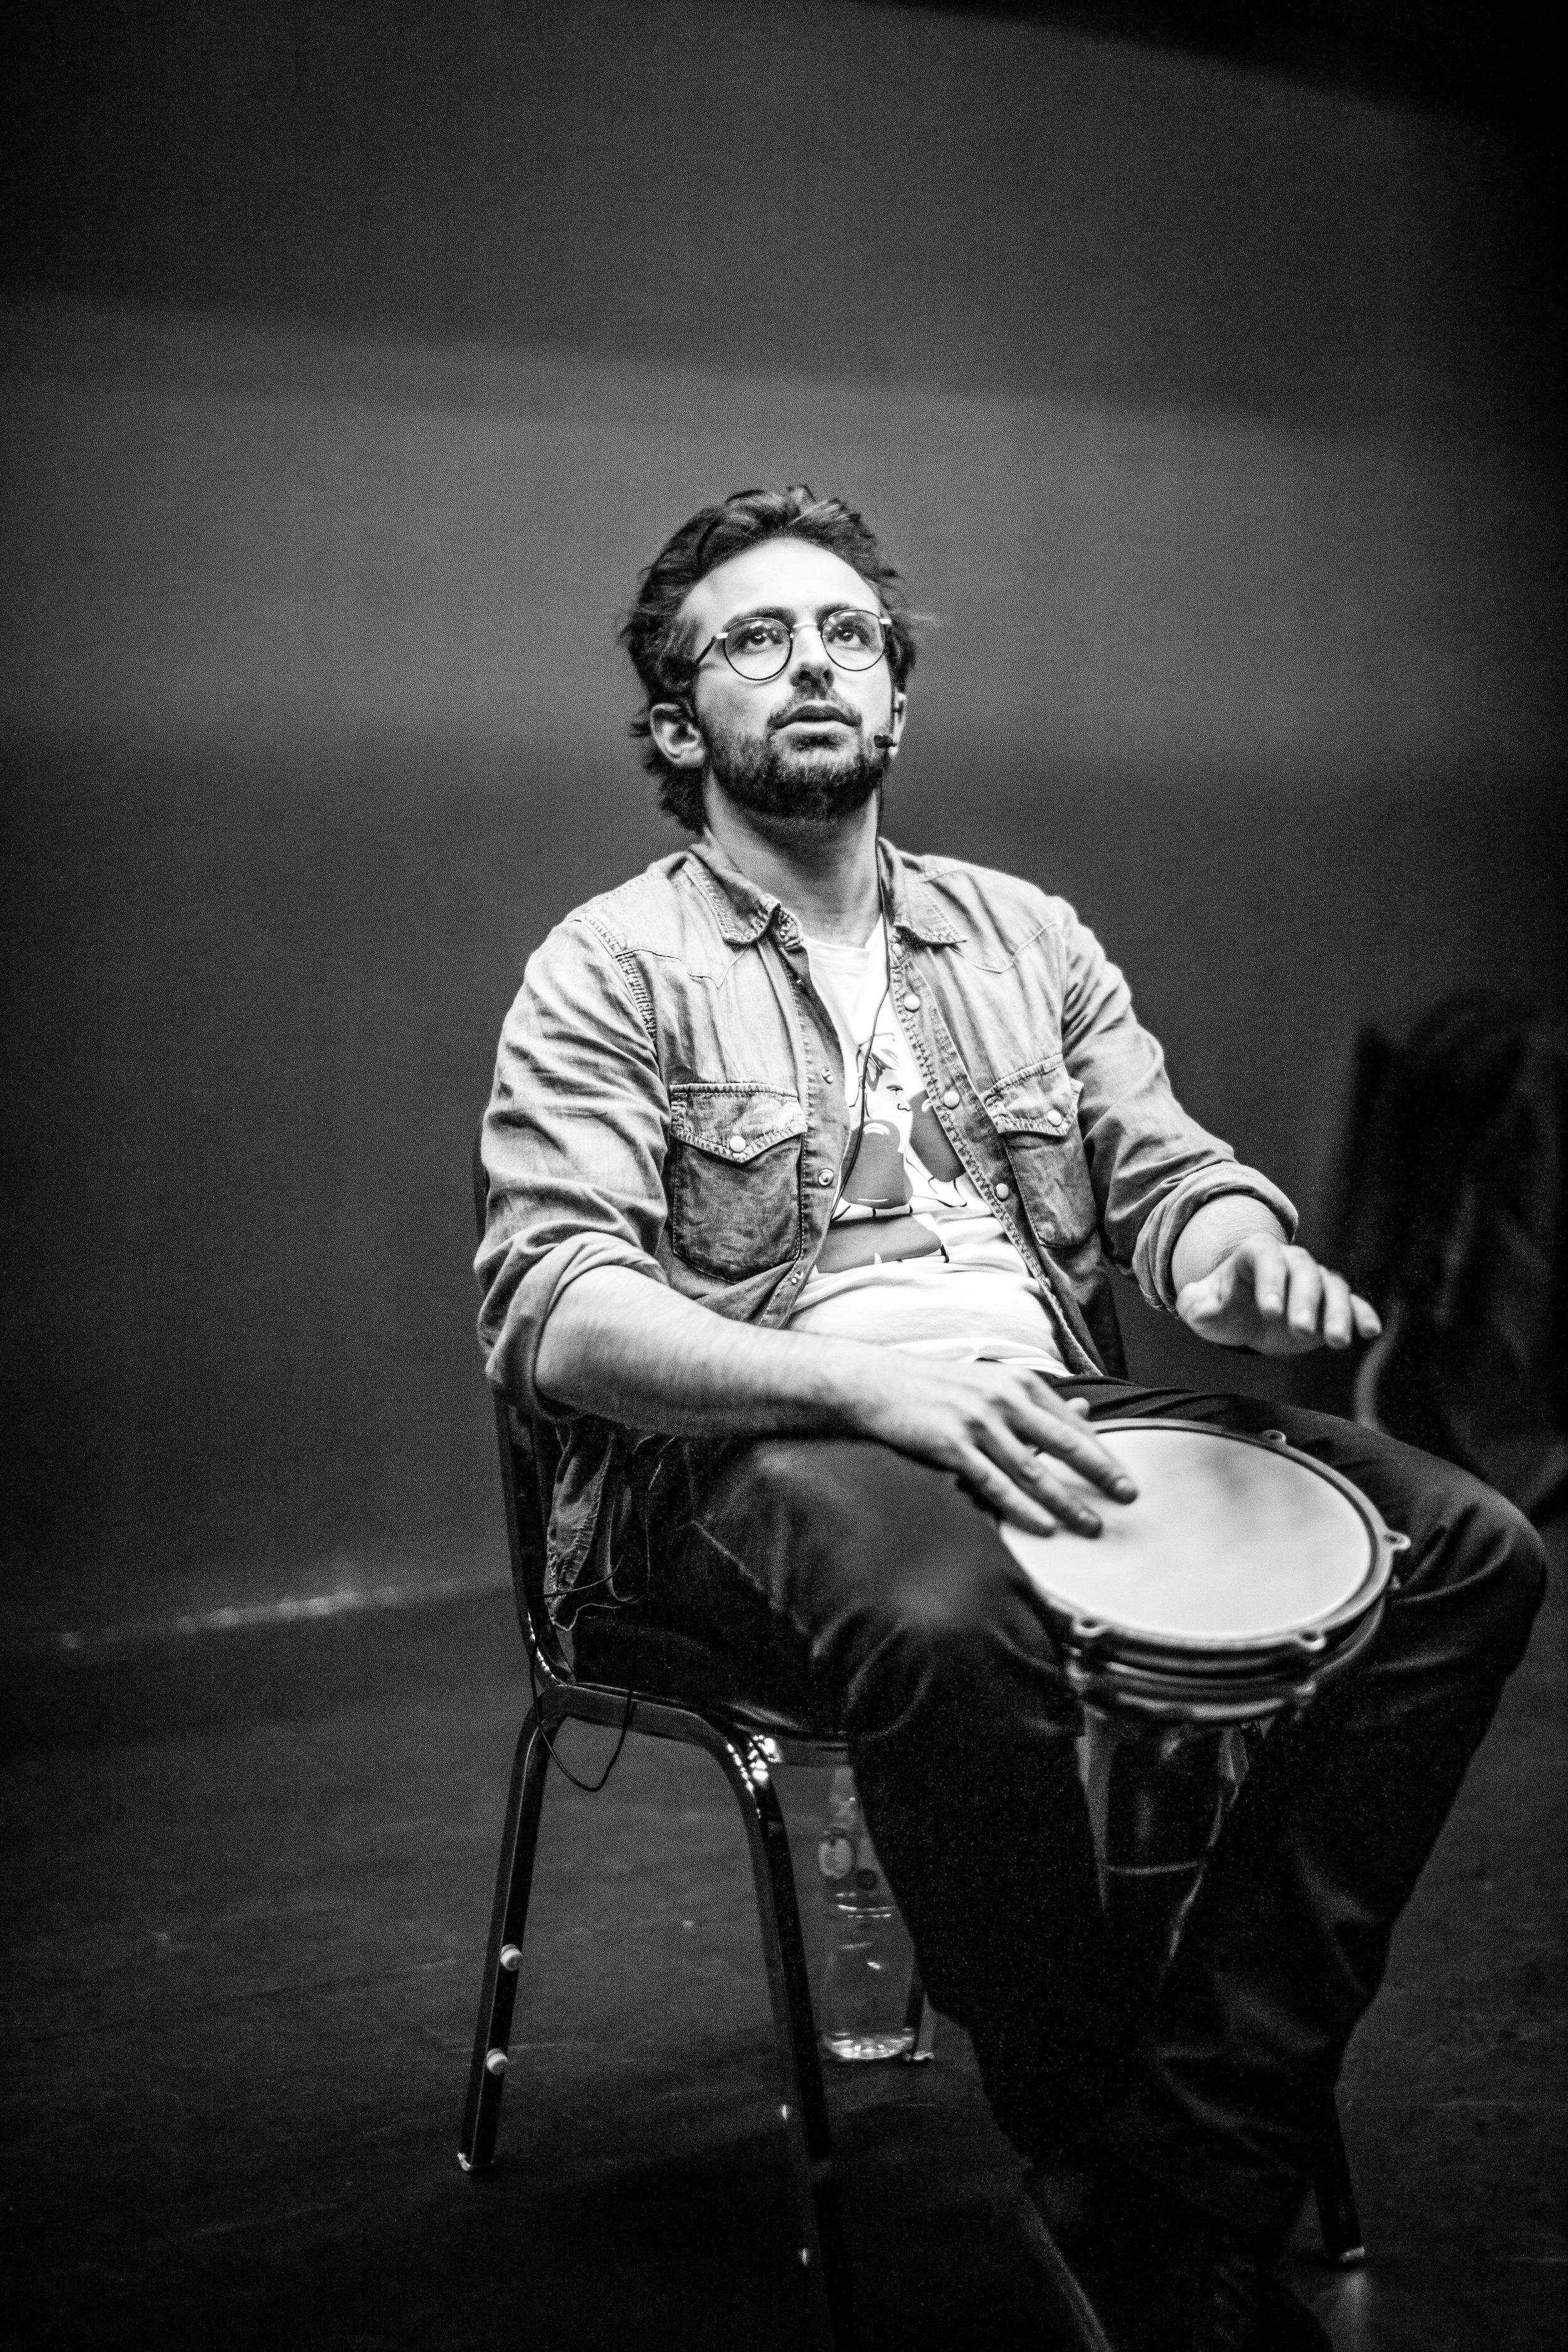 Félix en répétition au Hong Kong Arts Center - mars 2018